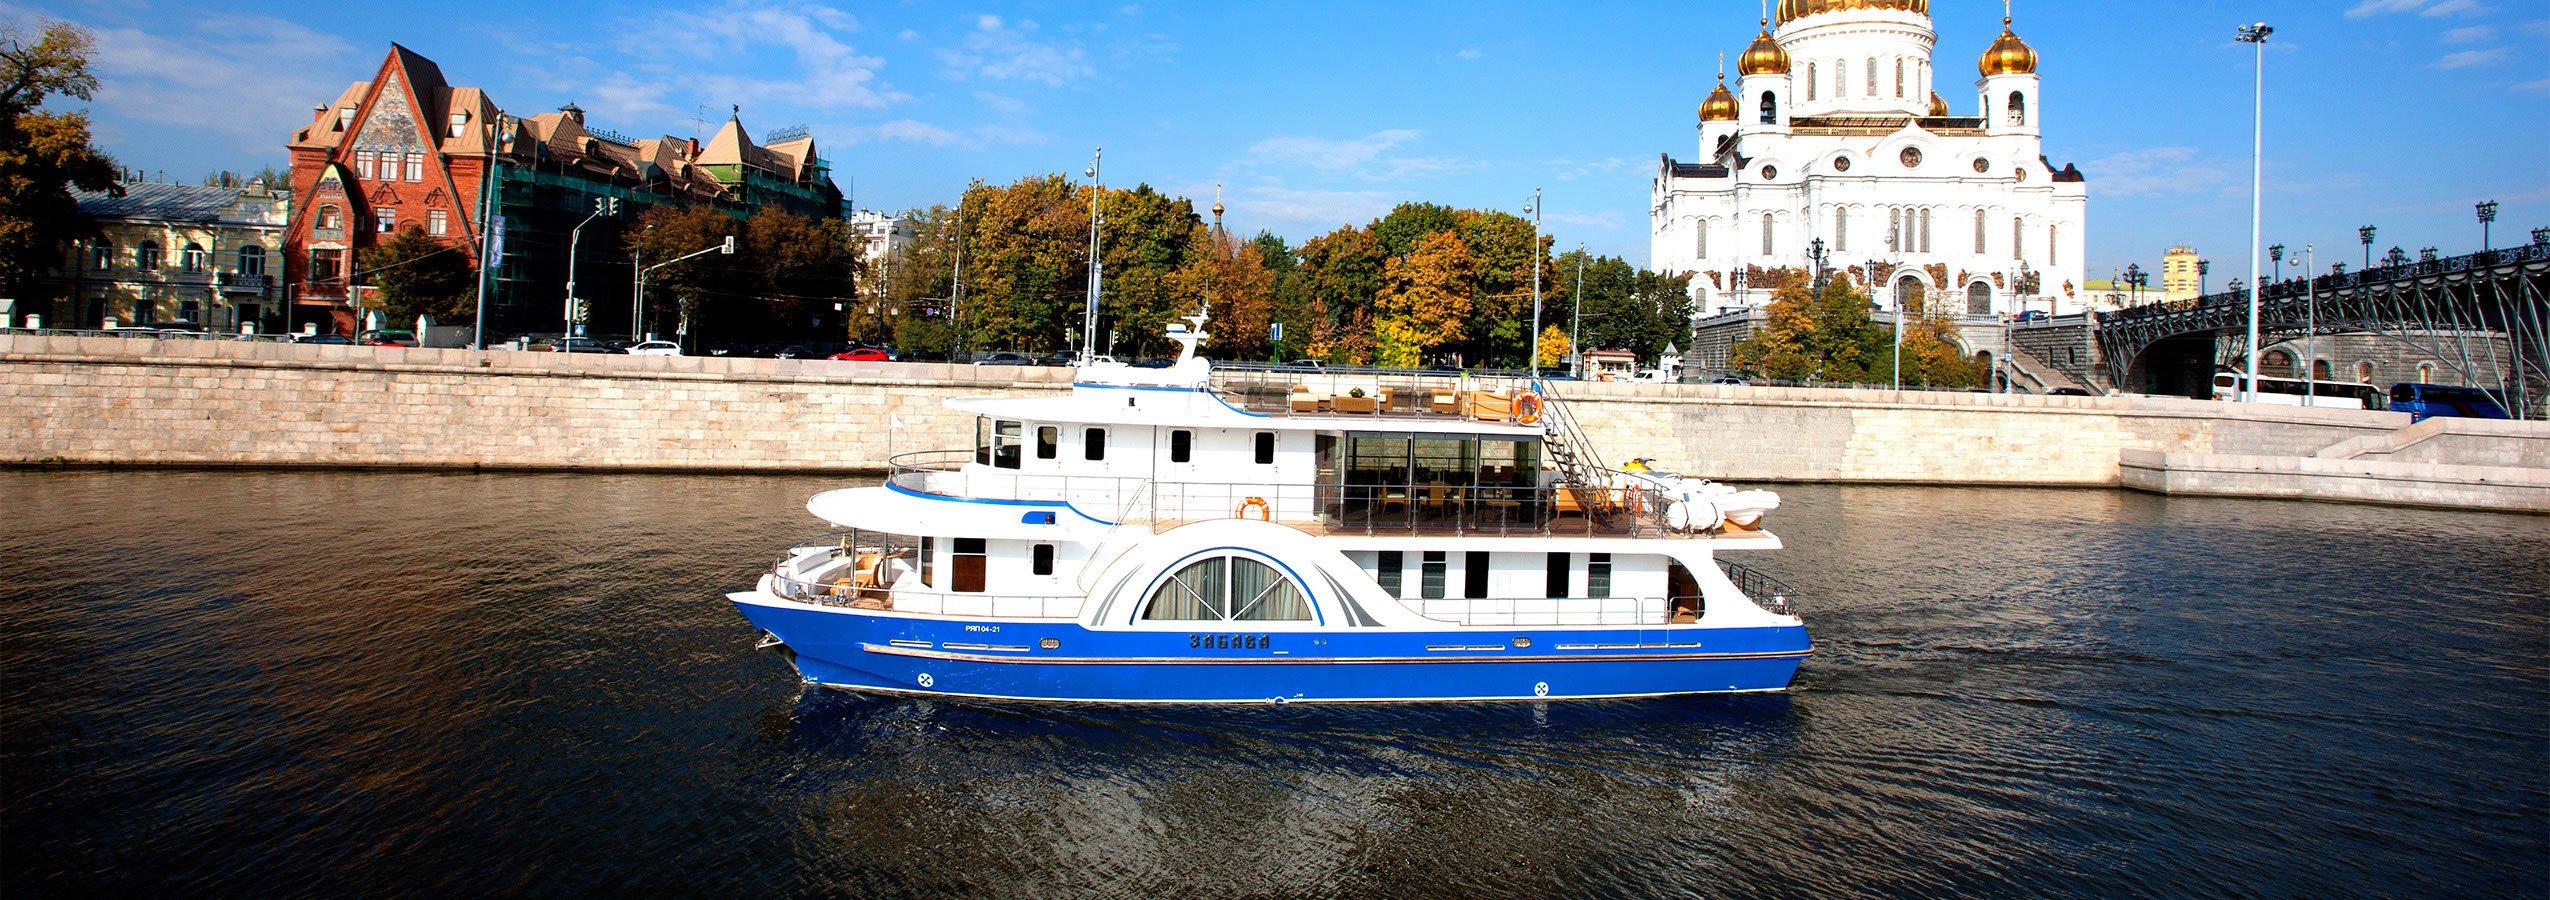 Яхта Забава на день рождения